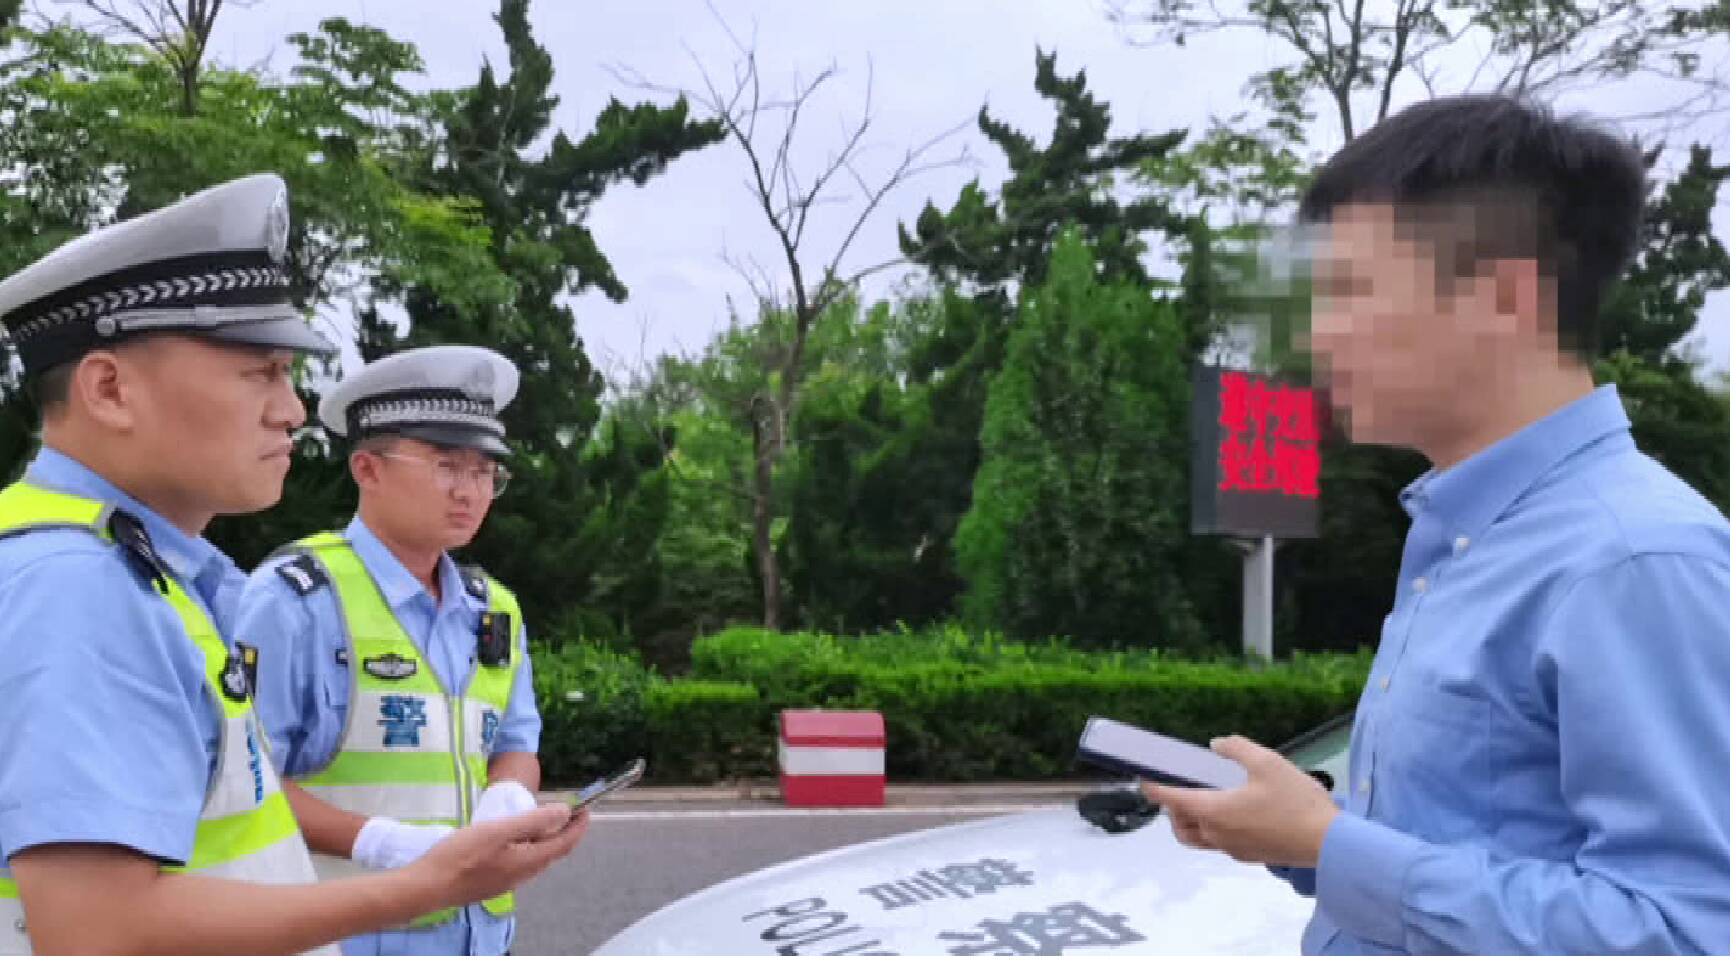 罚款扣分拘留!过几天就拿证 男子驾驶证暂扣期间开车上路被查